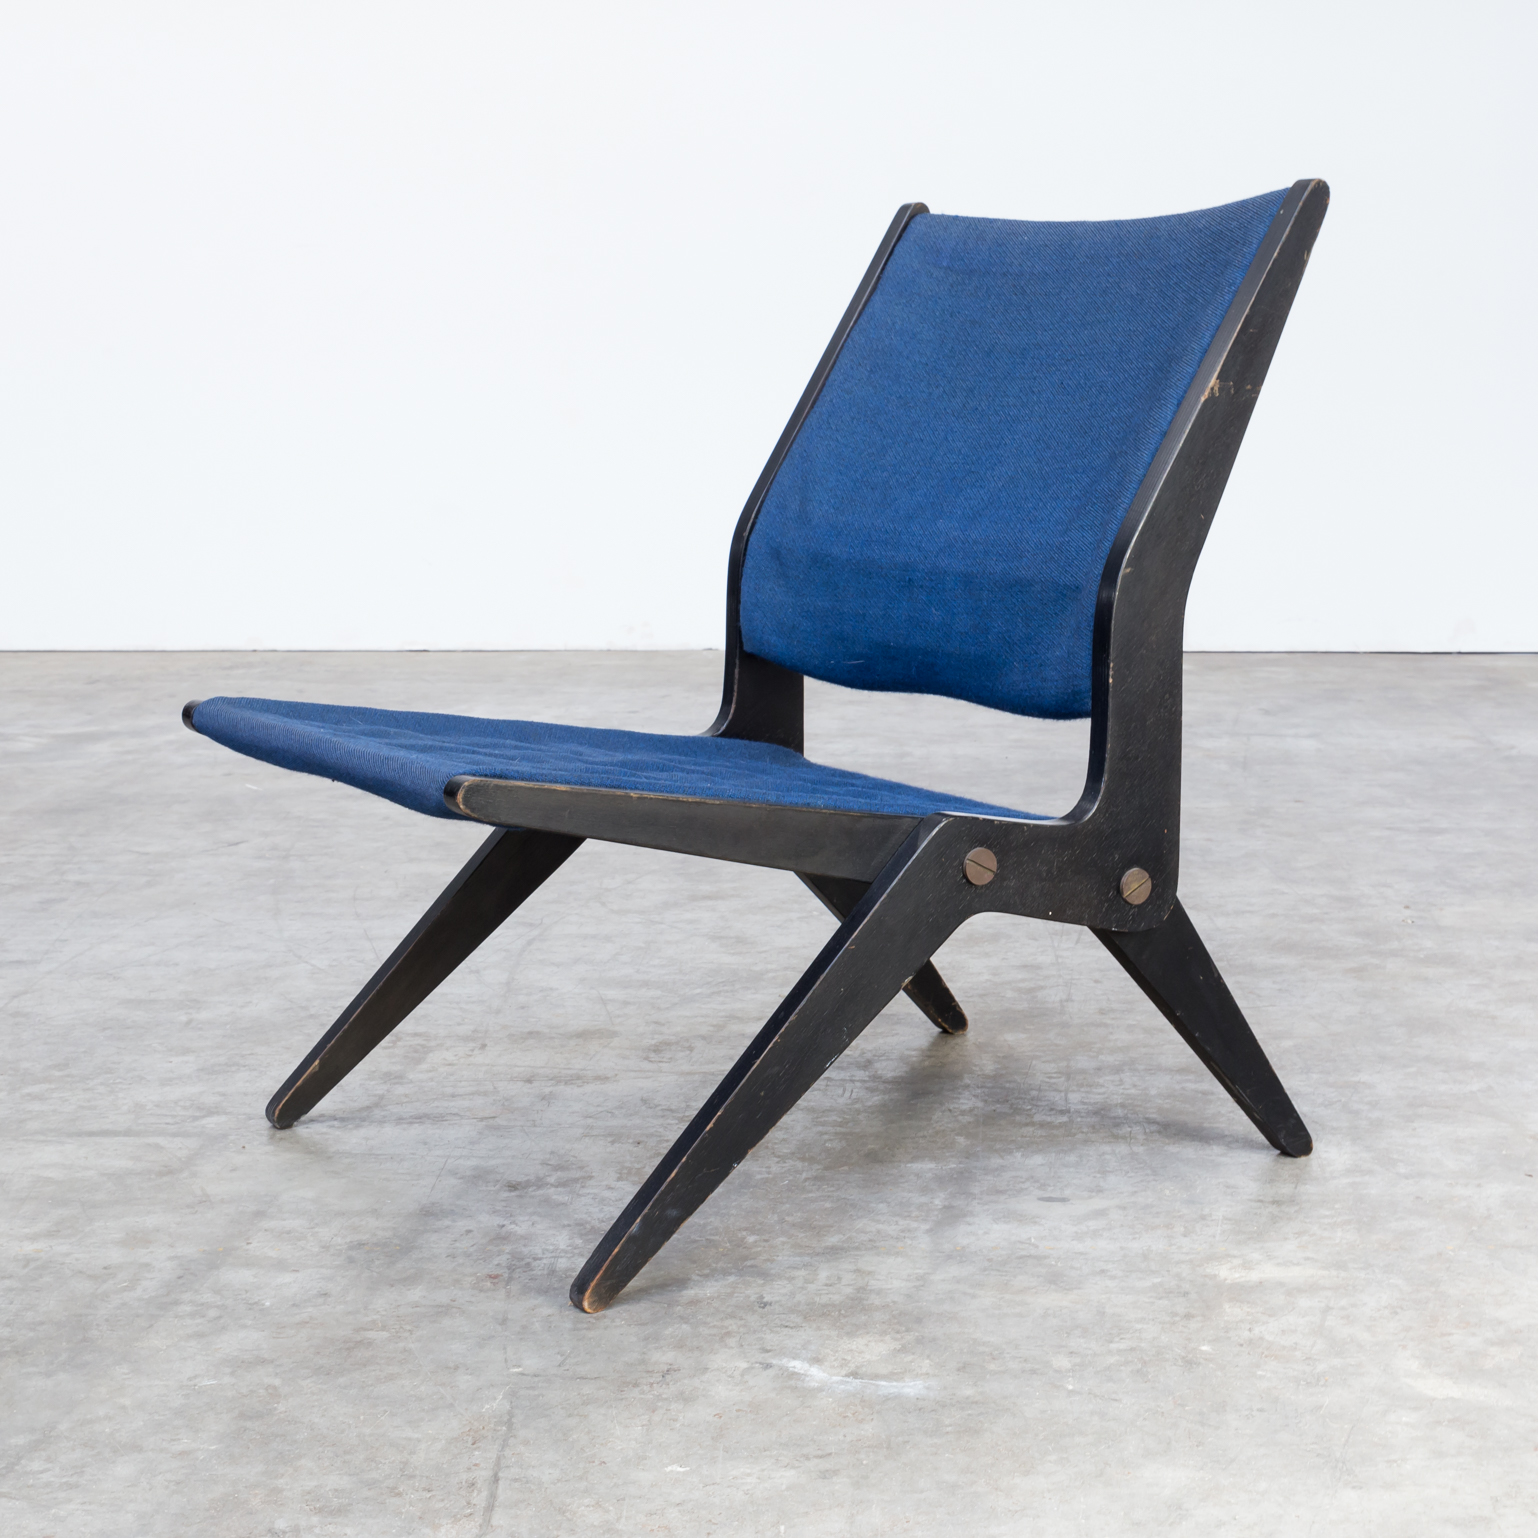 50s rare bengt kerblom fauteuil for akerblom sweden barbmama. Black Bedroom Furniture Sets. Home Design Ideas